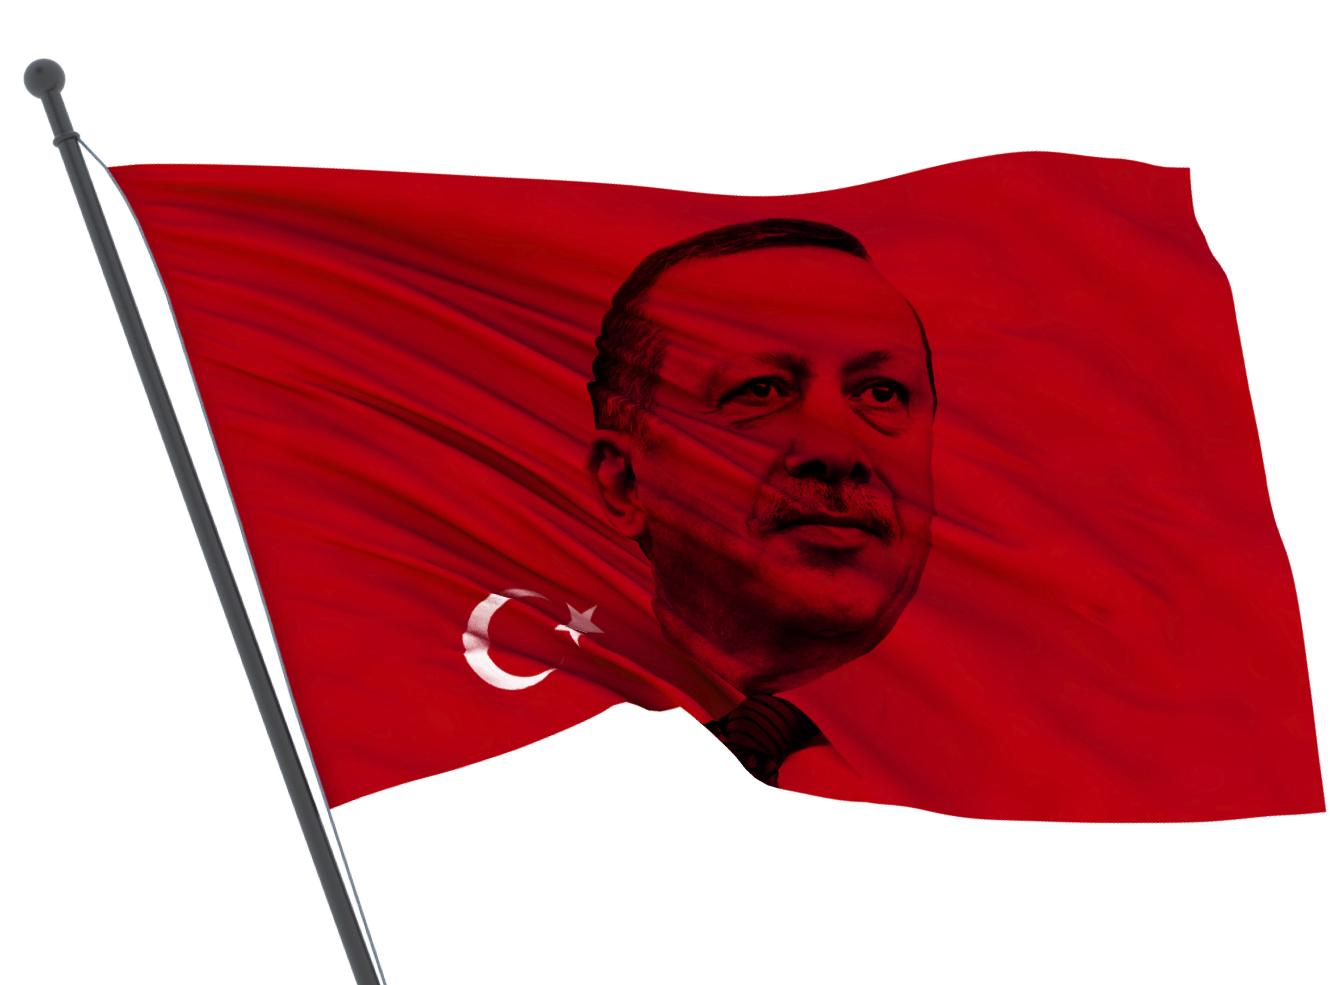 بالصور صور علم تركيا , صور روعه للعلم التركي 2321 2